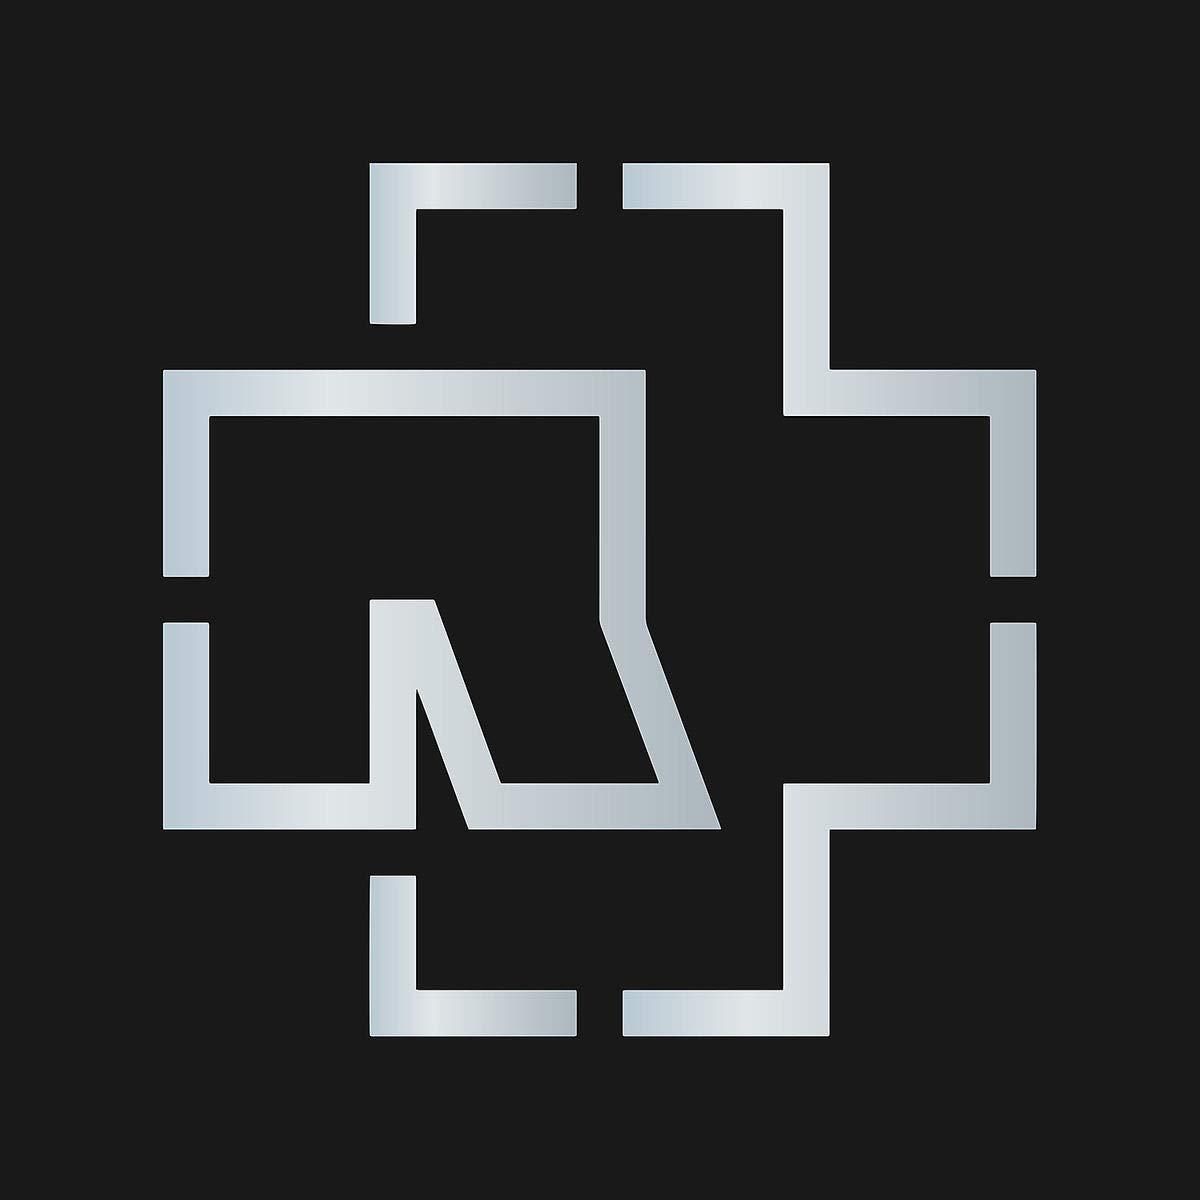 Rammstein Rammstein, ensemble vocal & instrumental